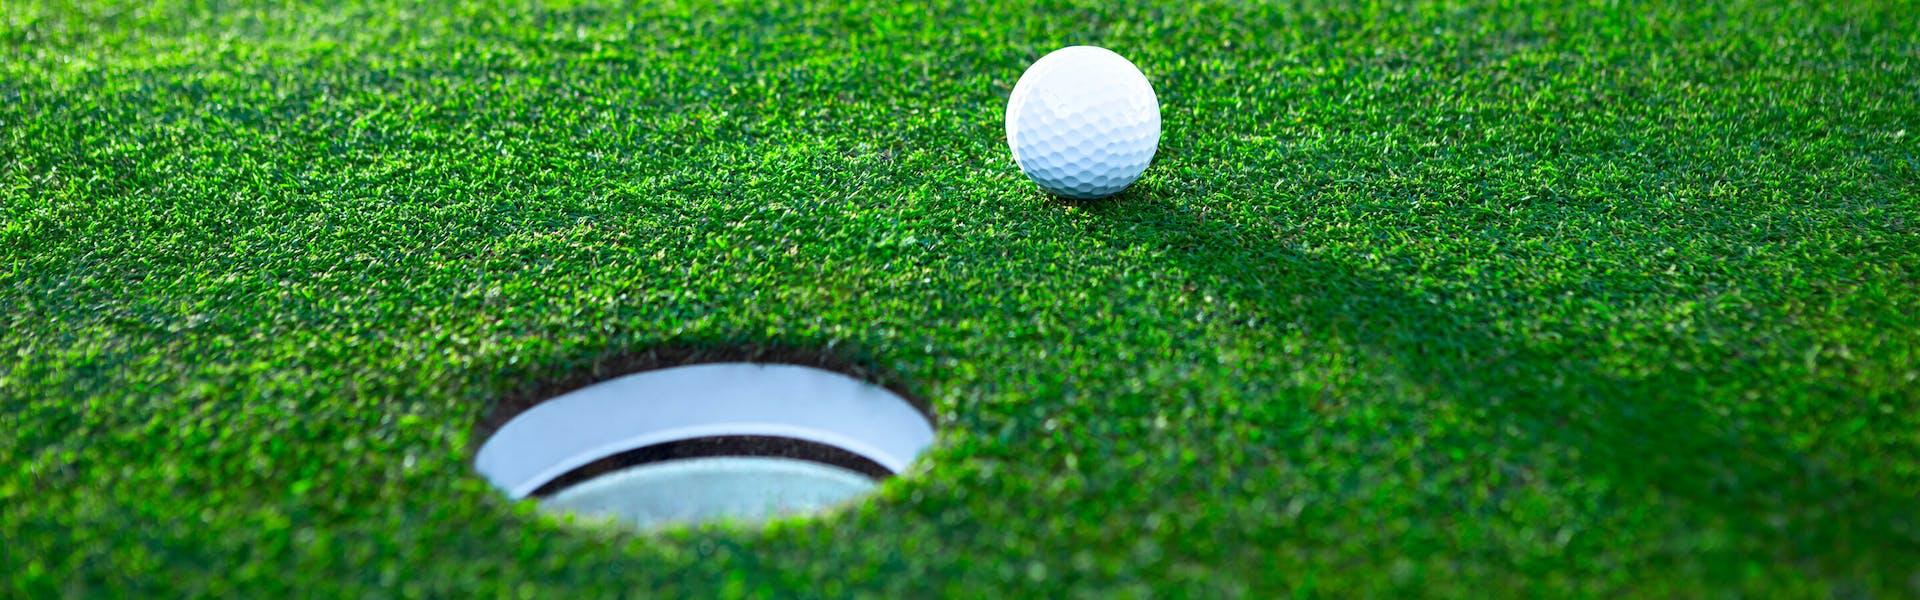 Komplett bokningssystem för golftränare